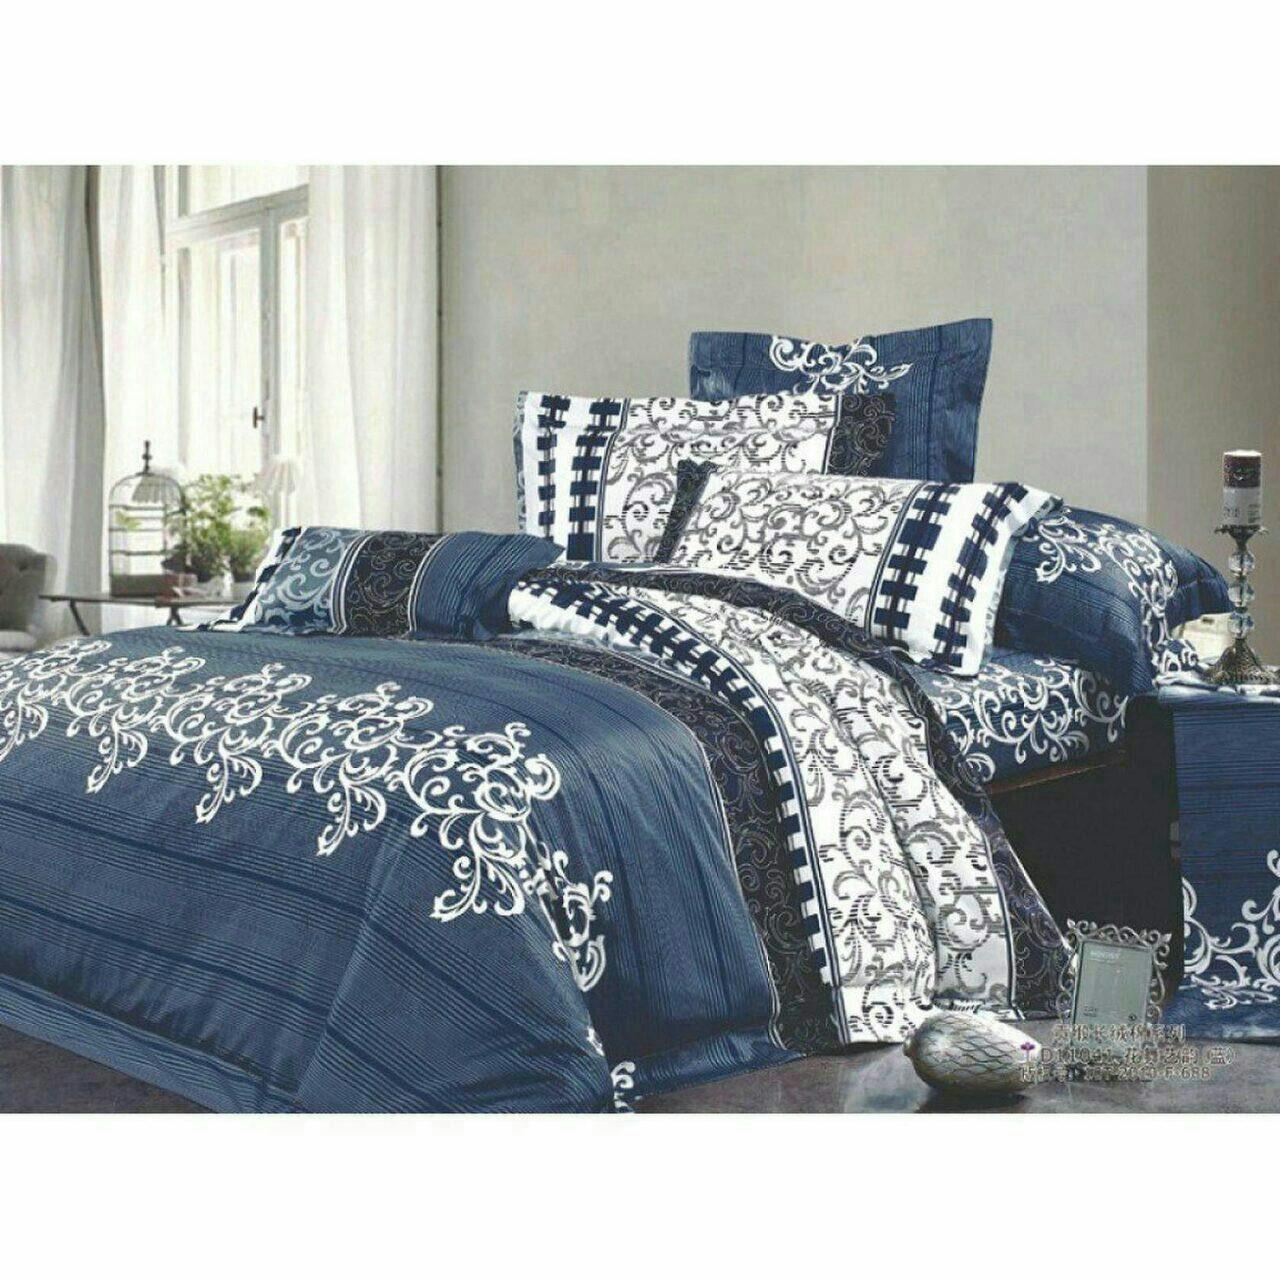 Двоспальний постільний комплект - Синій вензель джинс